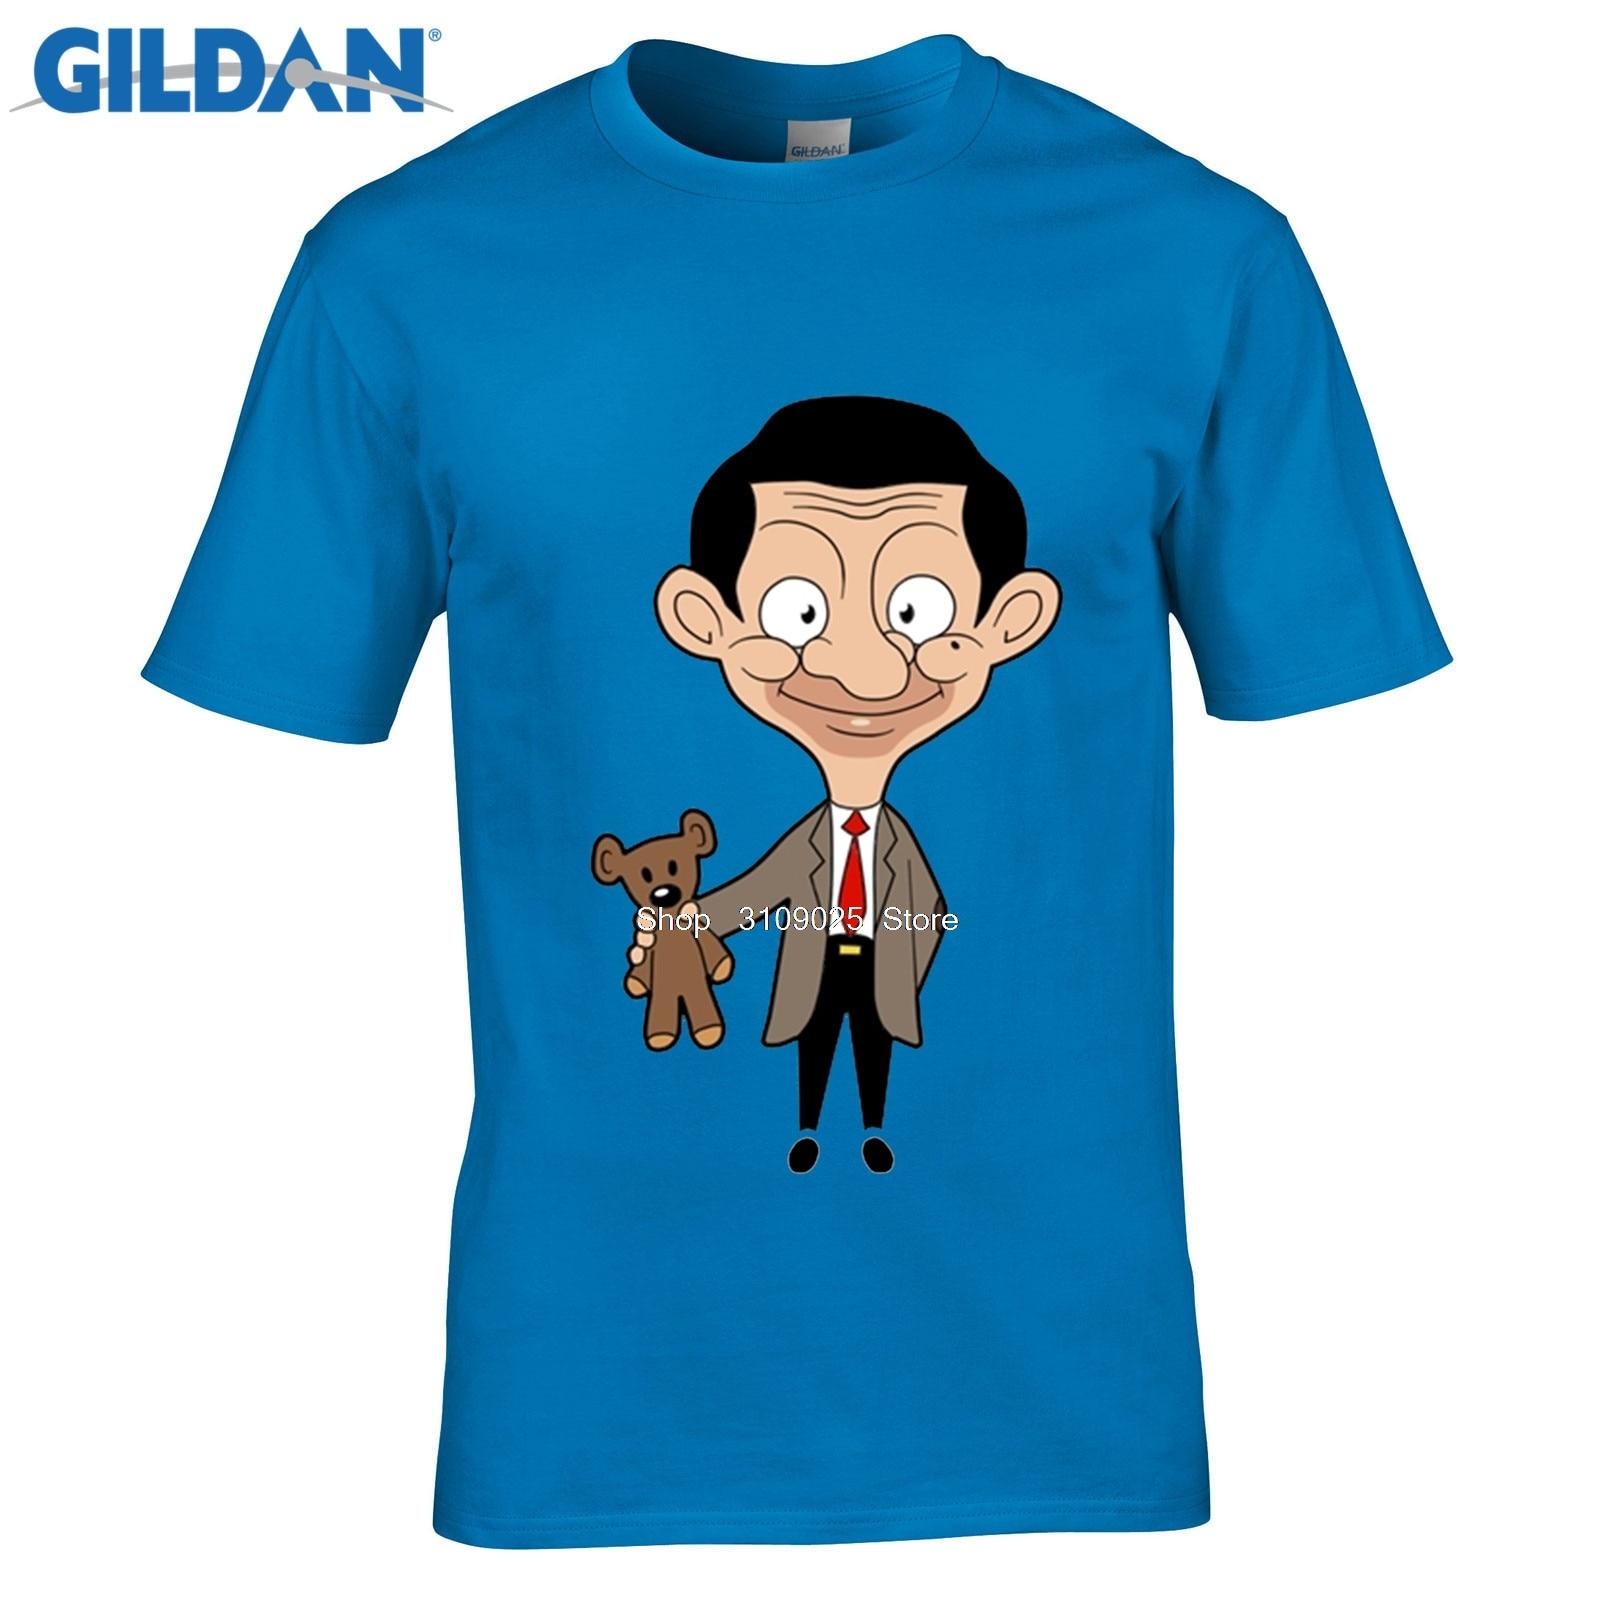 Возьмите Взрослого улыбка Mr. bean последние футболки летом прохладно Дизайн человек хлопок футболка мужской короткий рукав большой Размеры ф...